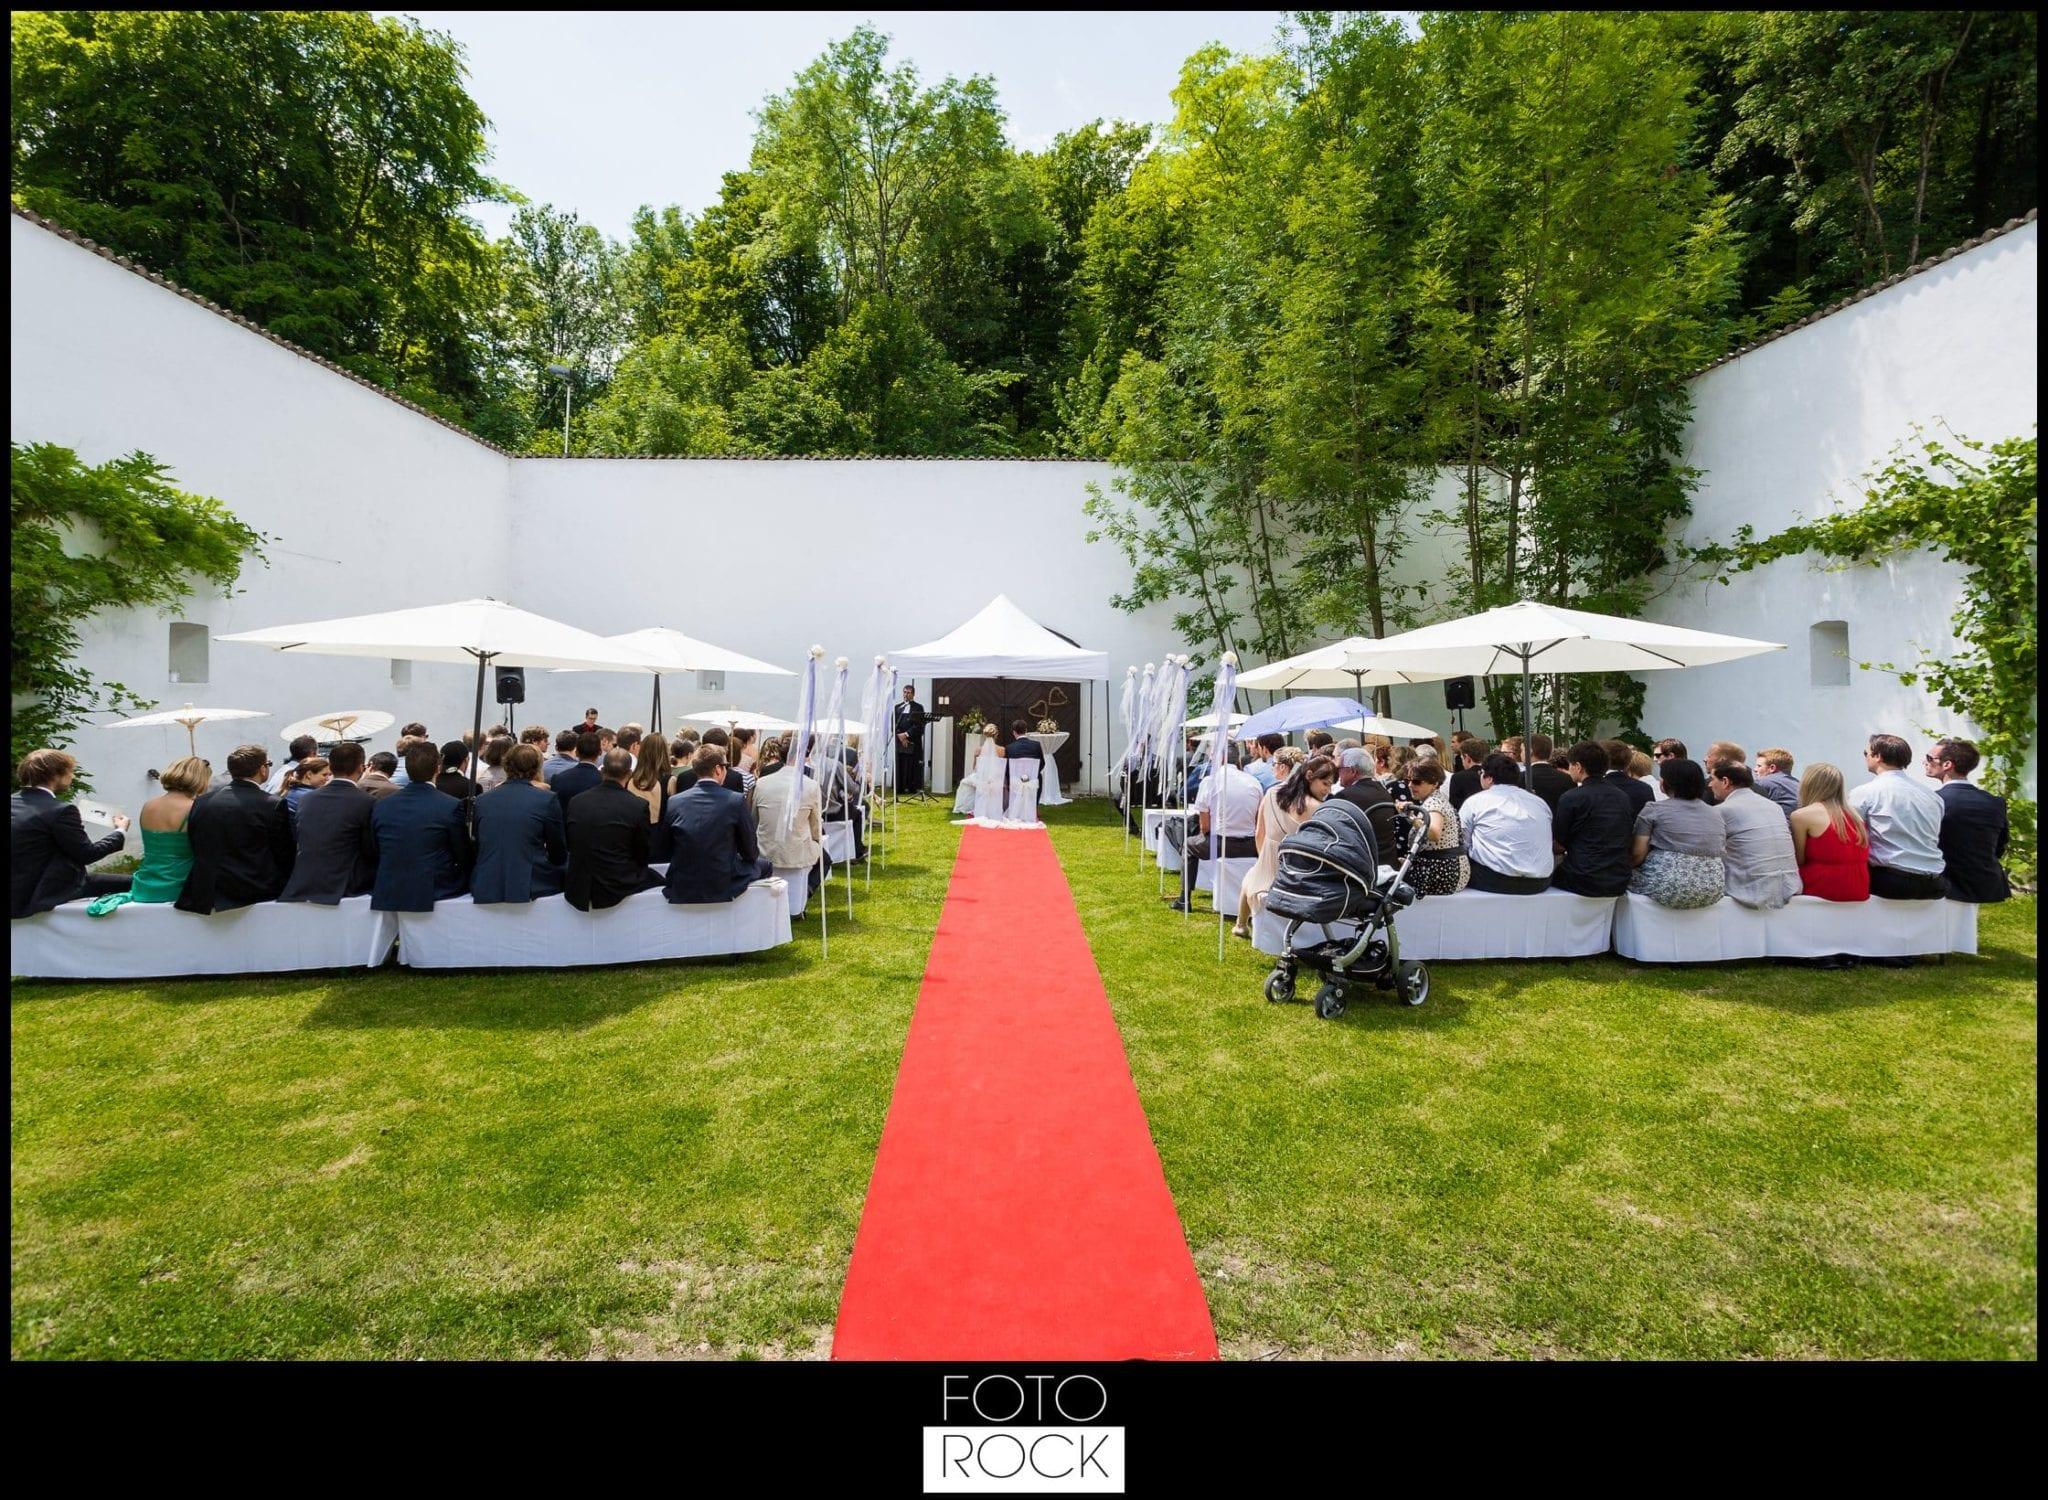 Hochzeit Lilienhof Ihringen Trauung Roter Teppich Gäste